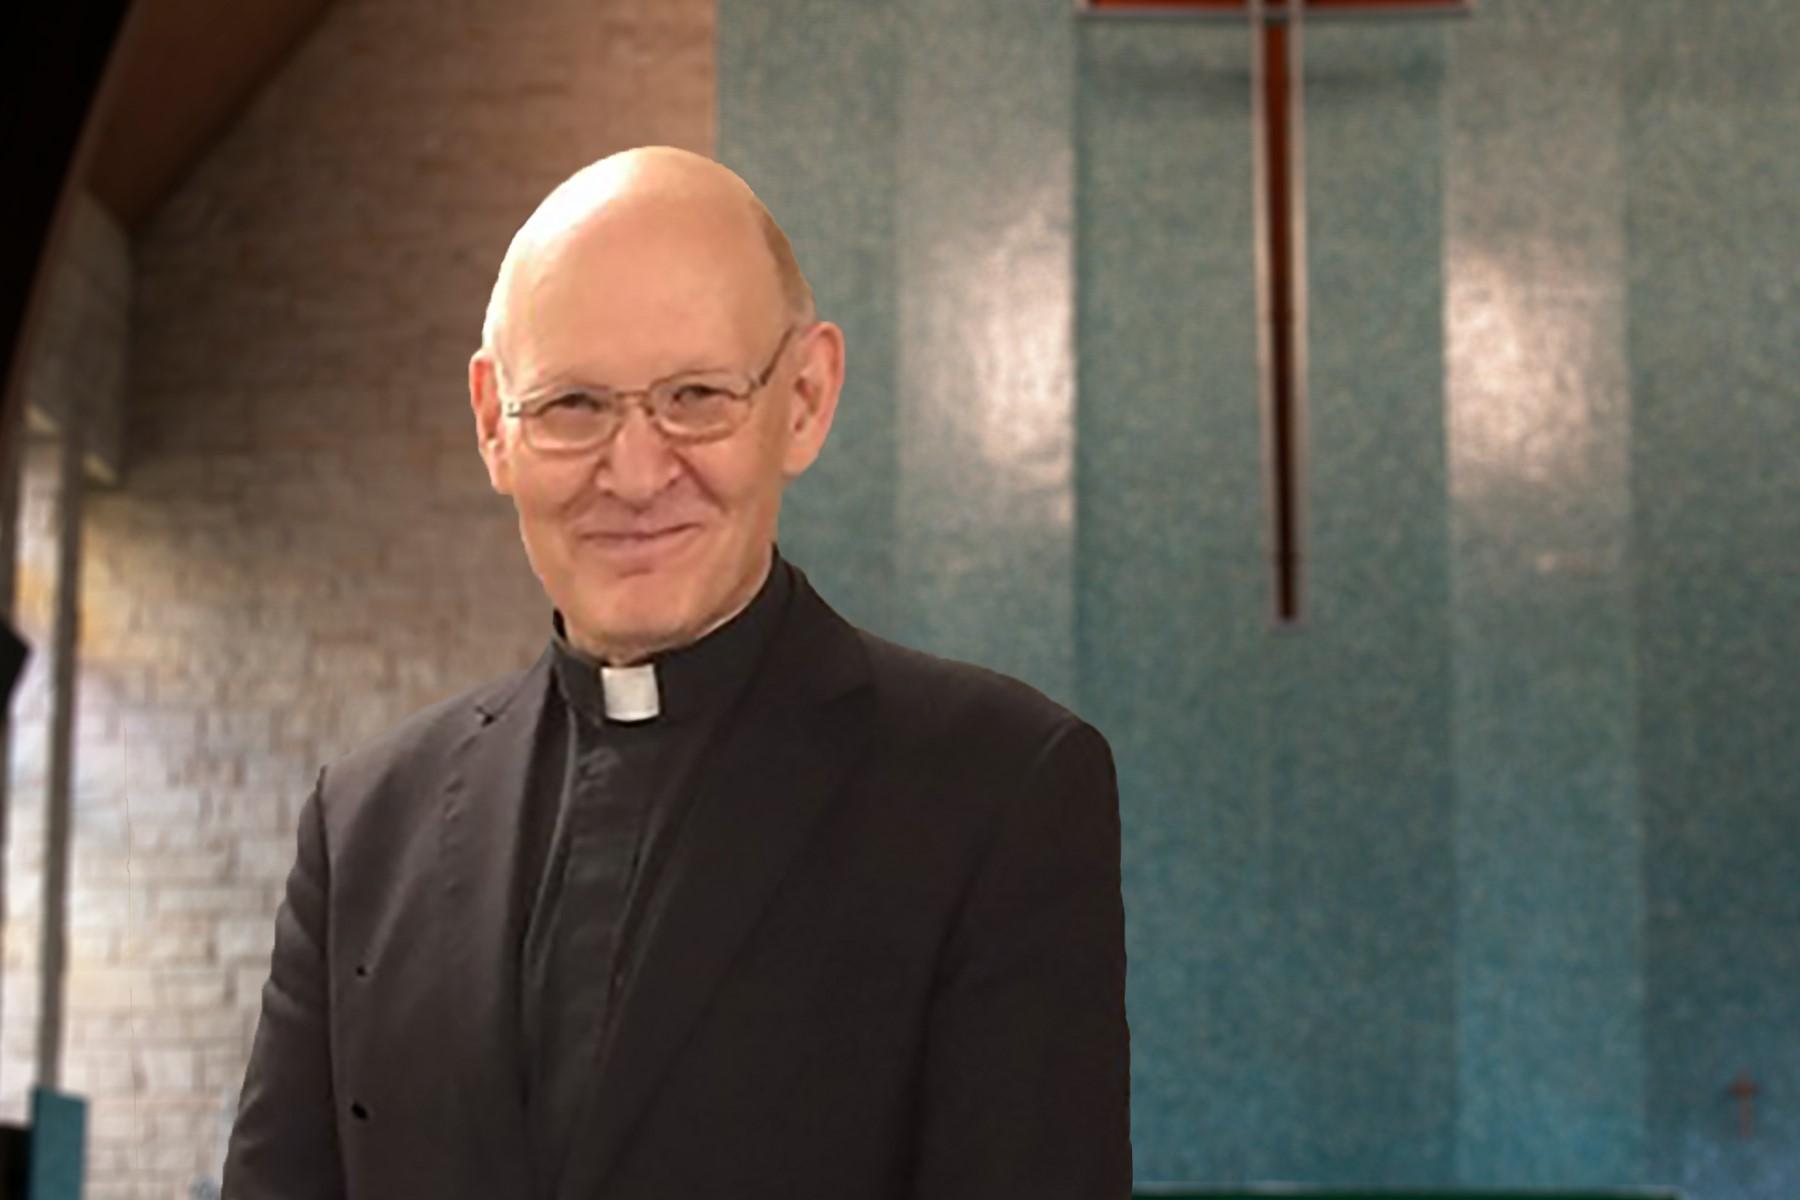 Rev. Michael Coren